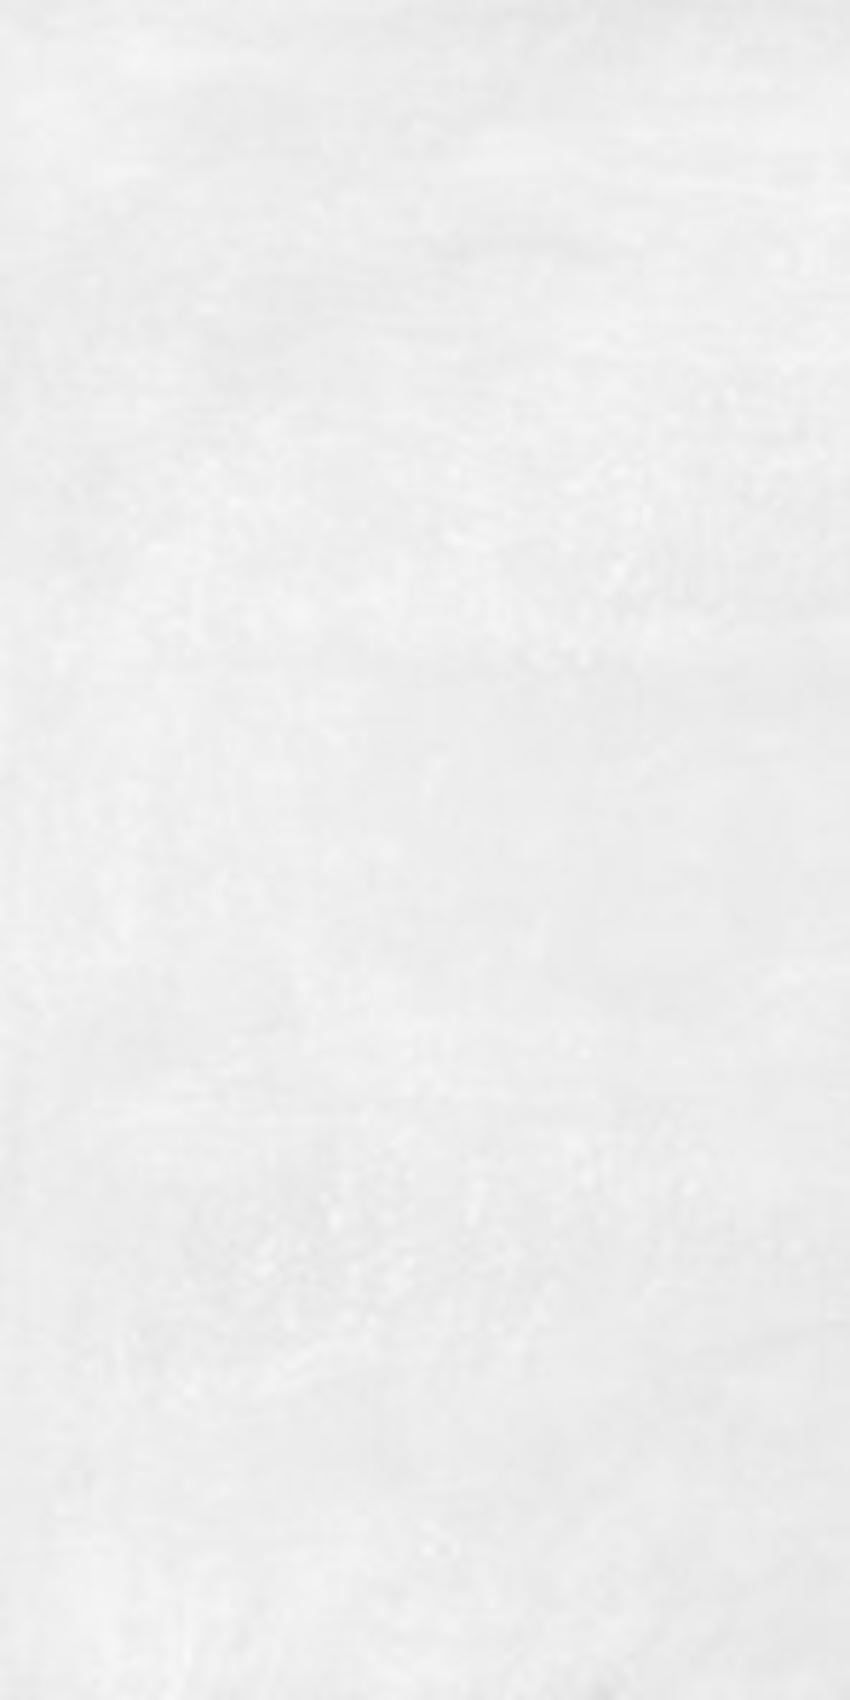 płytka podłogowa nowa gala aquamarina aqm 1 297x597